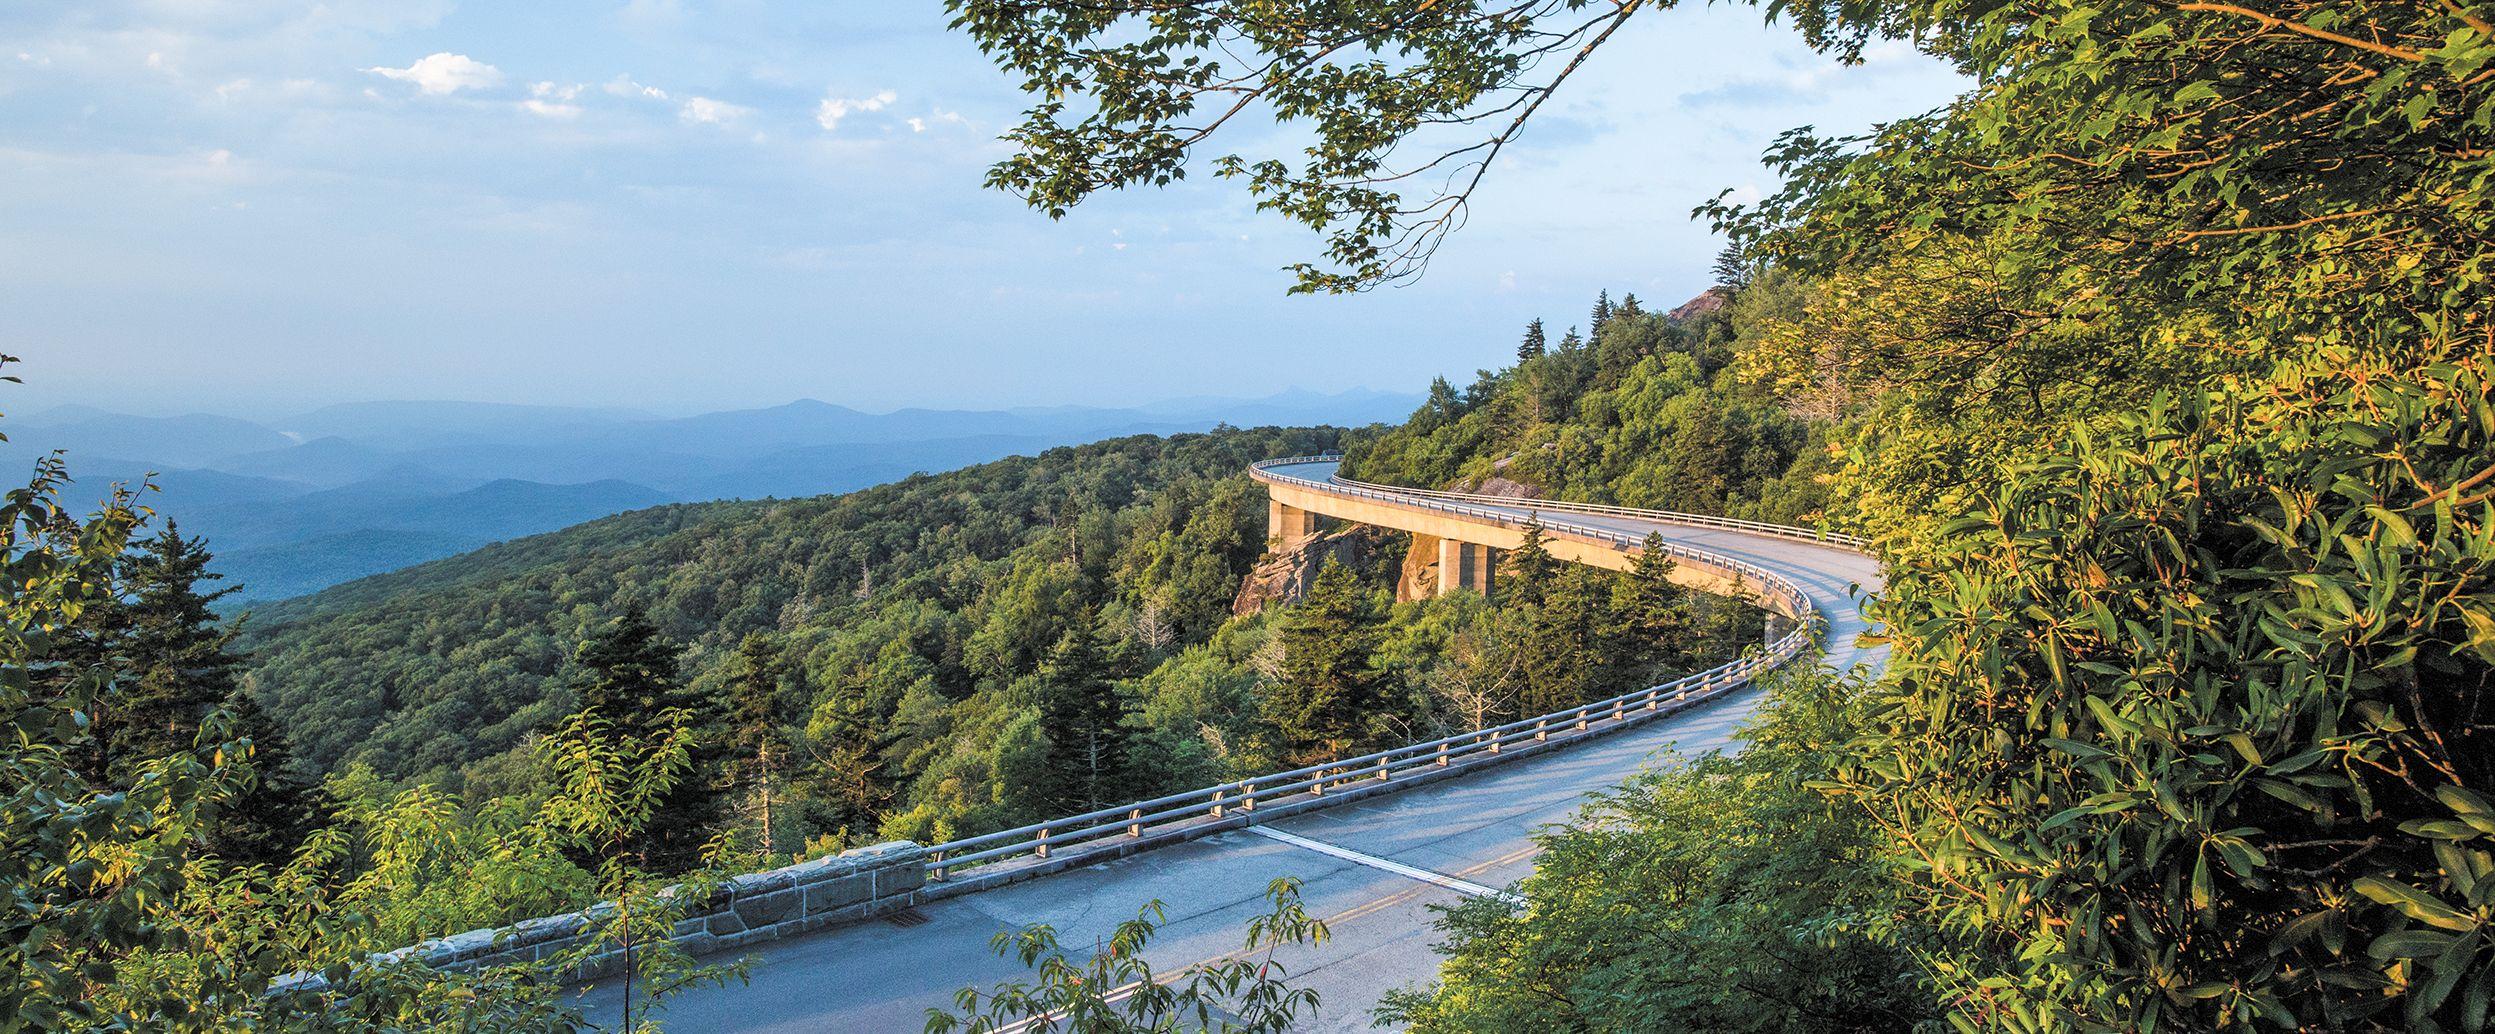 Die Linn Cove Viaduct Brücke in North Carolina